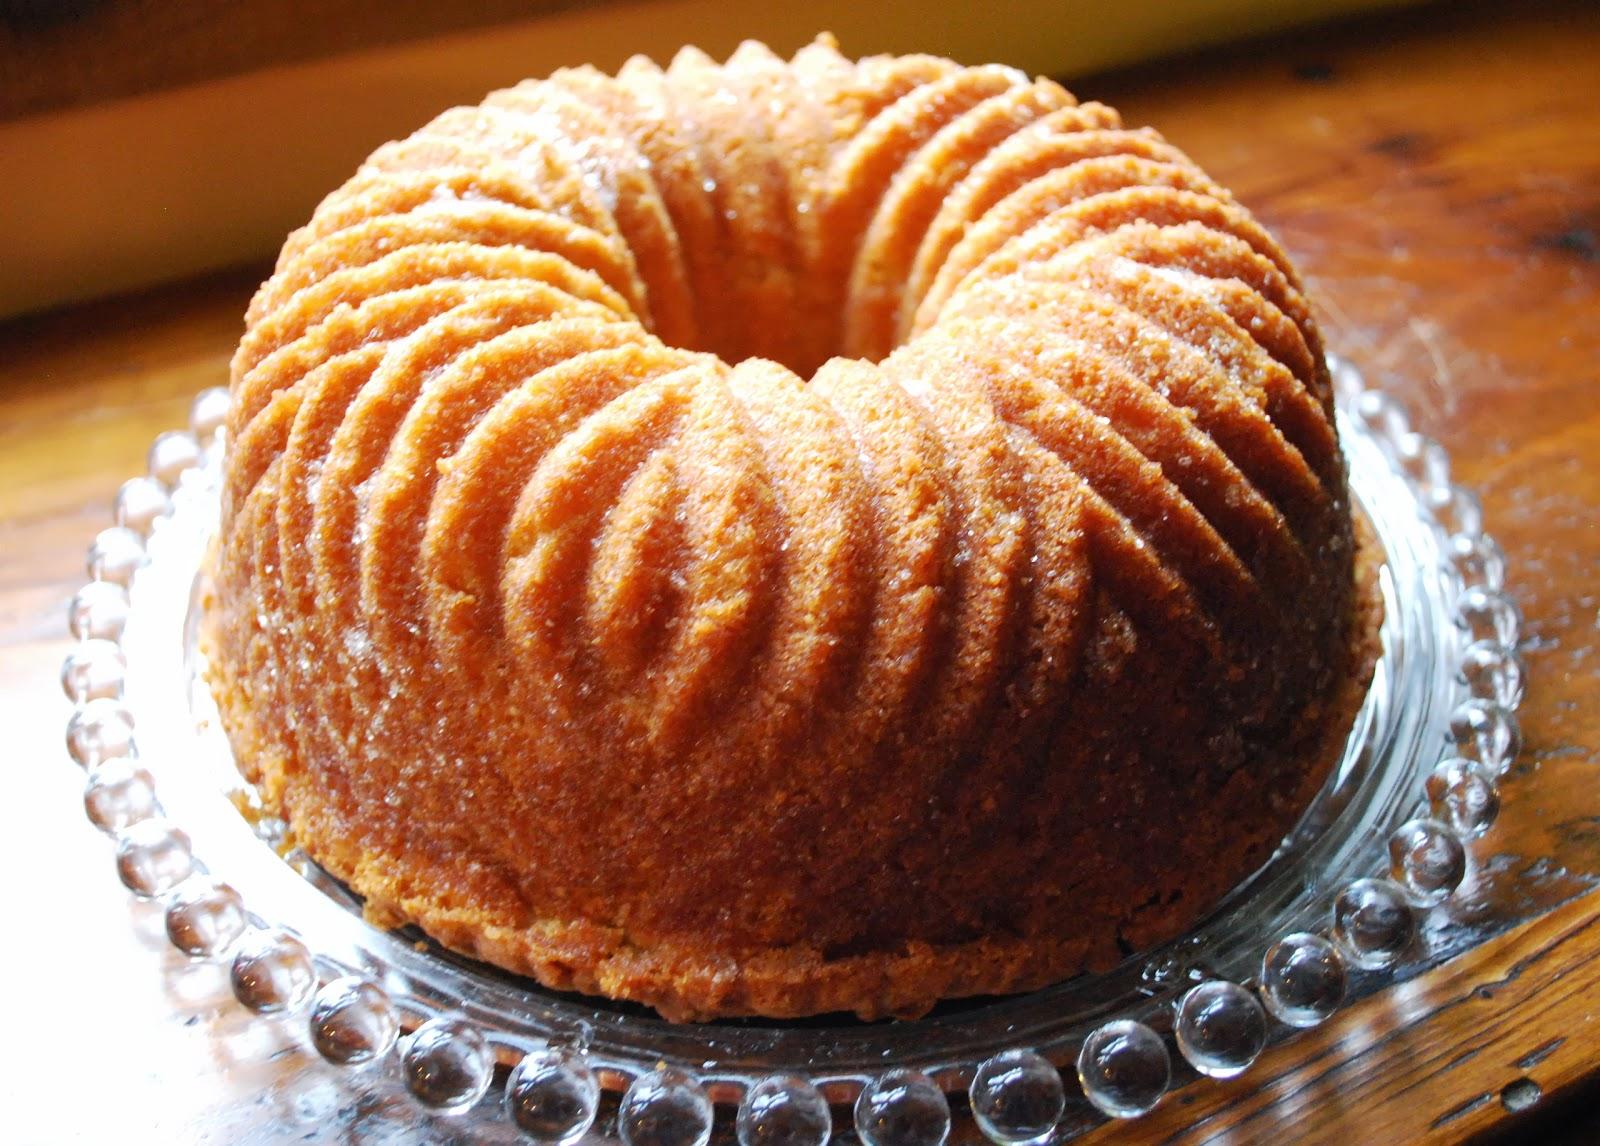 Bundt cake pans for sale - Monday August 12 2013